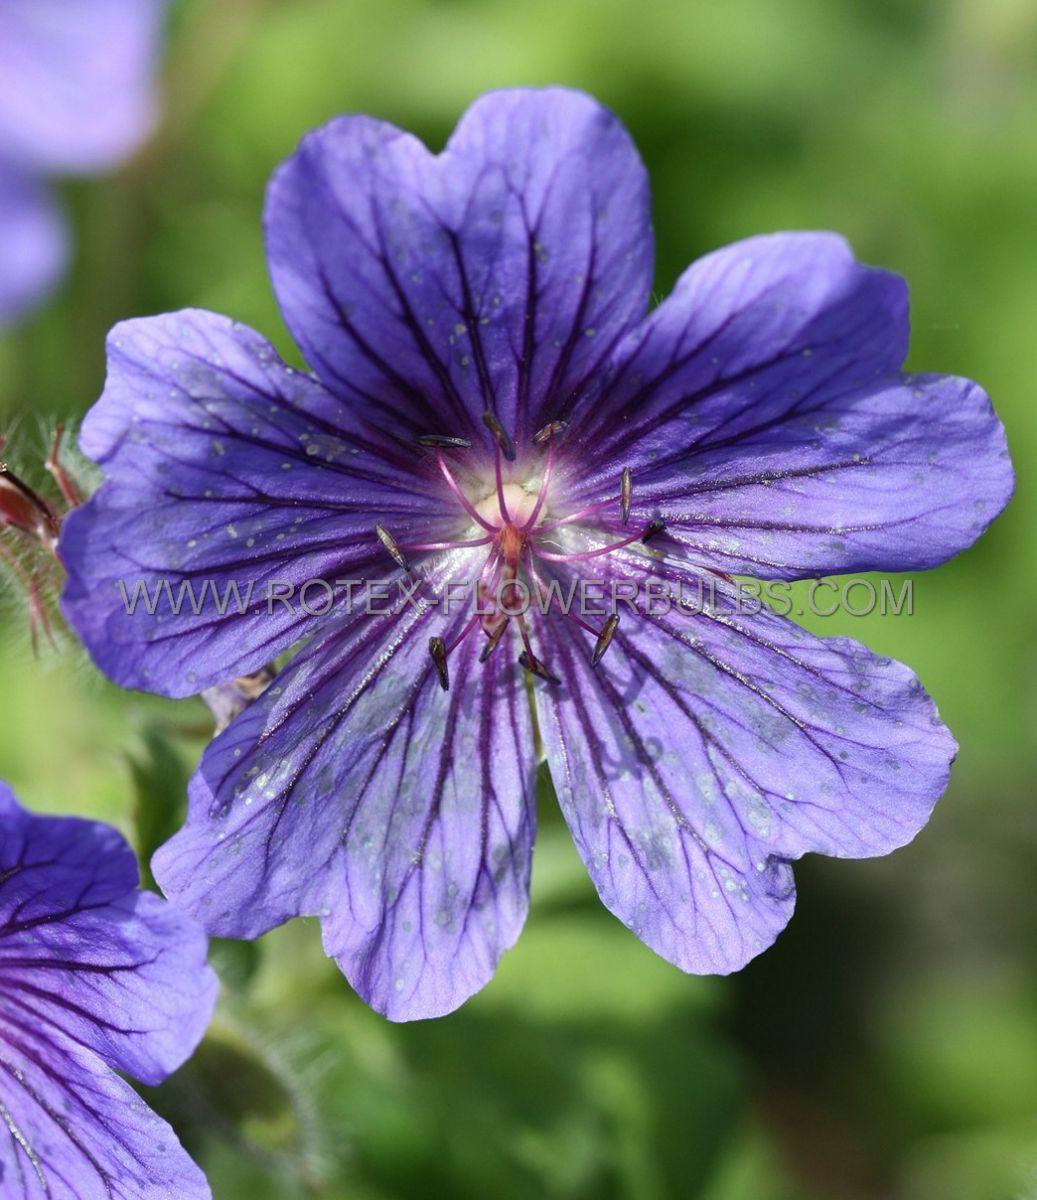 geranium magnificum syn platypetalum i 25 pbag